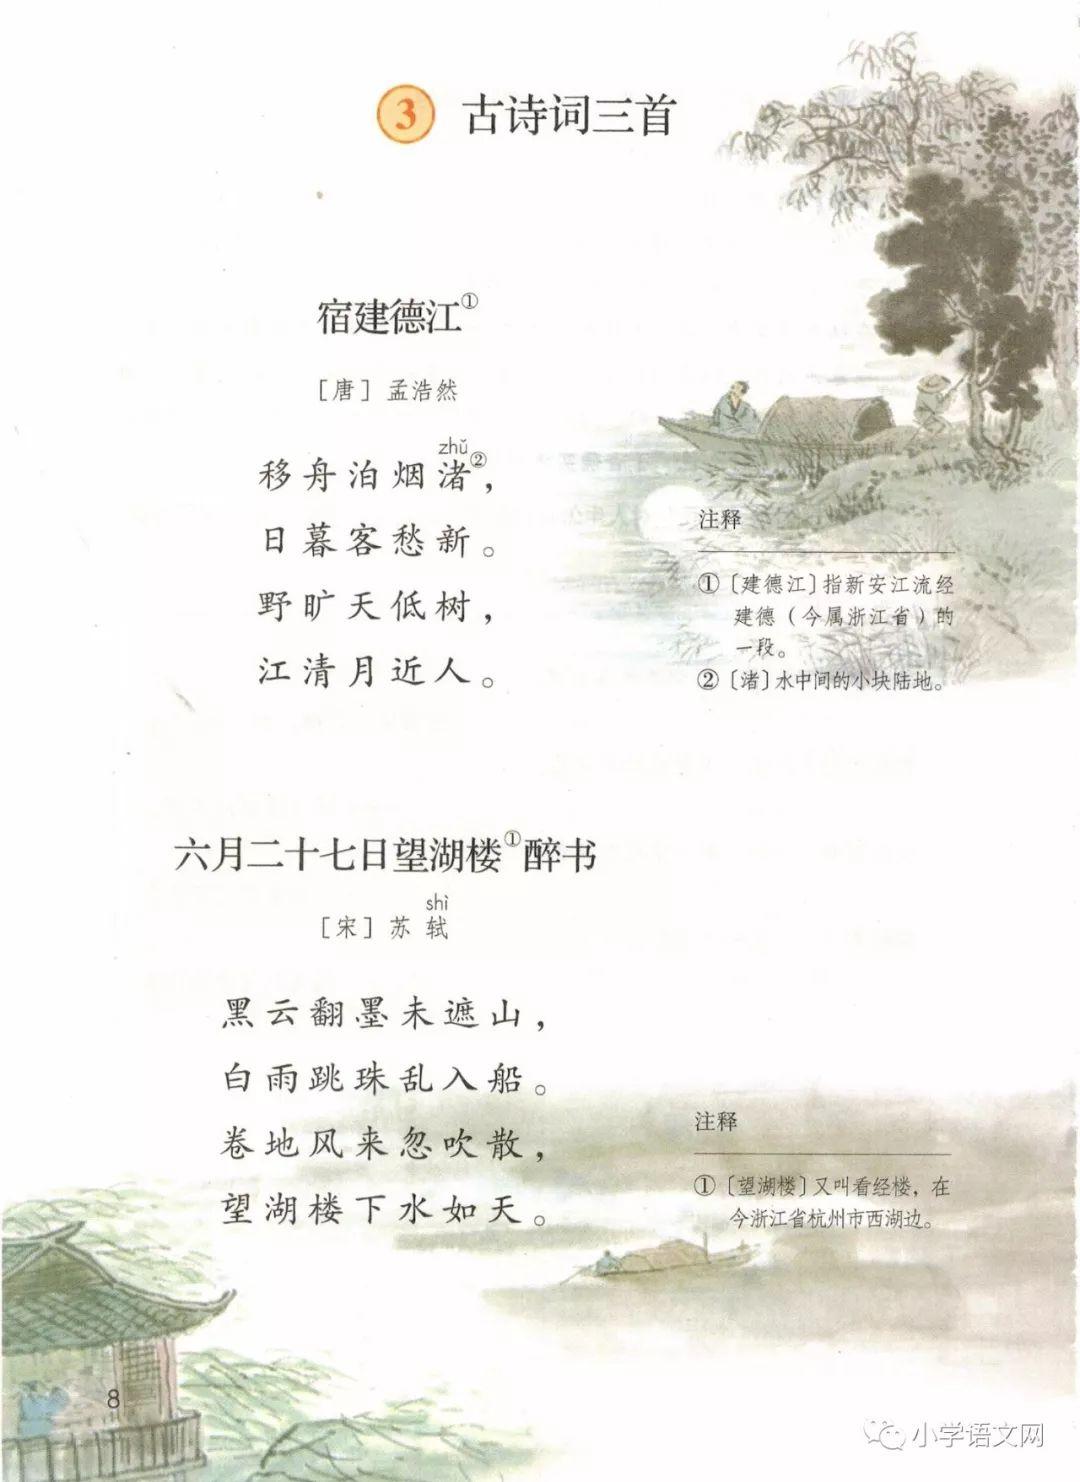 3 古诗词三首(第13页)